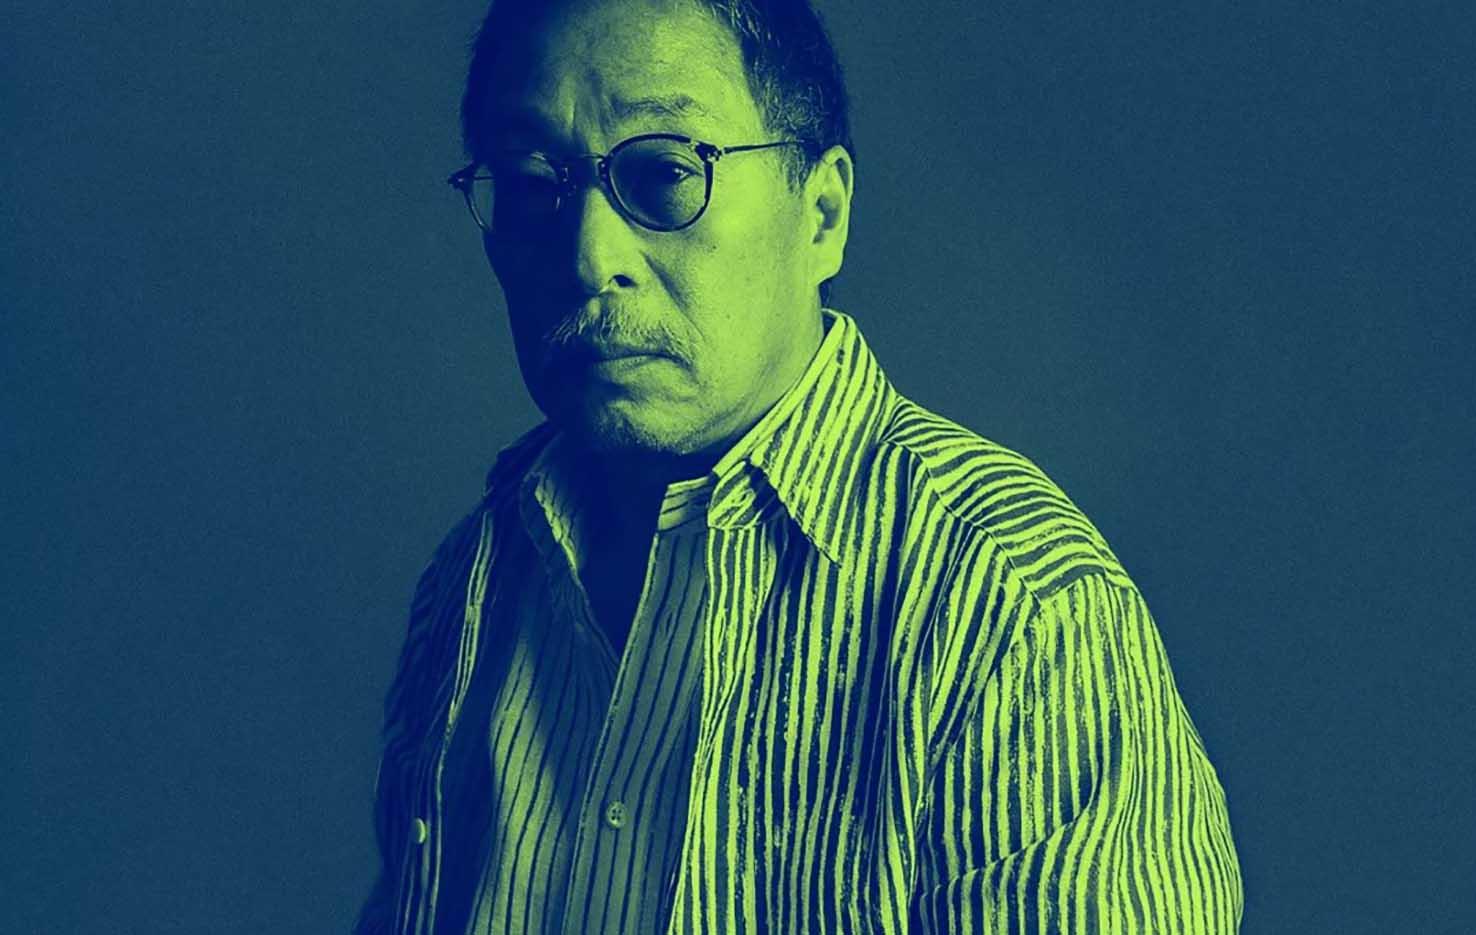 """Хадзимэ Сораяма (Hajime Sorayama) """"Фото"""""""